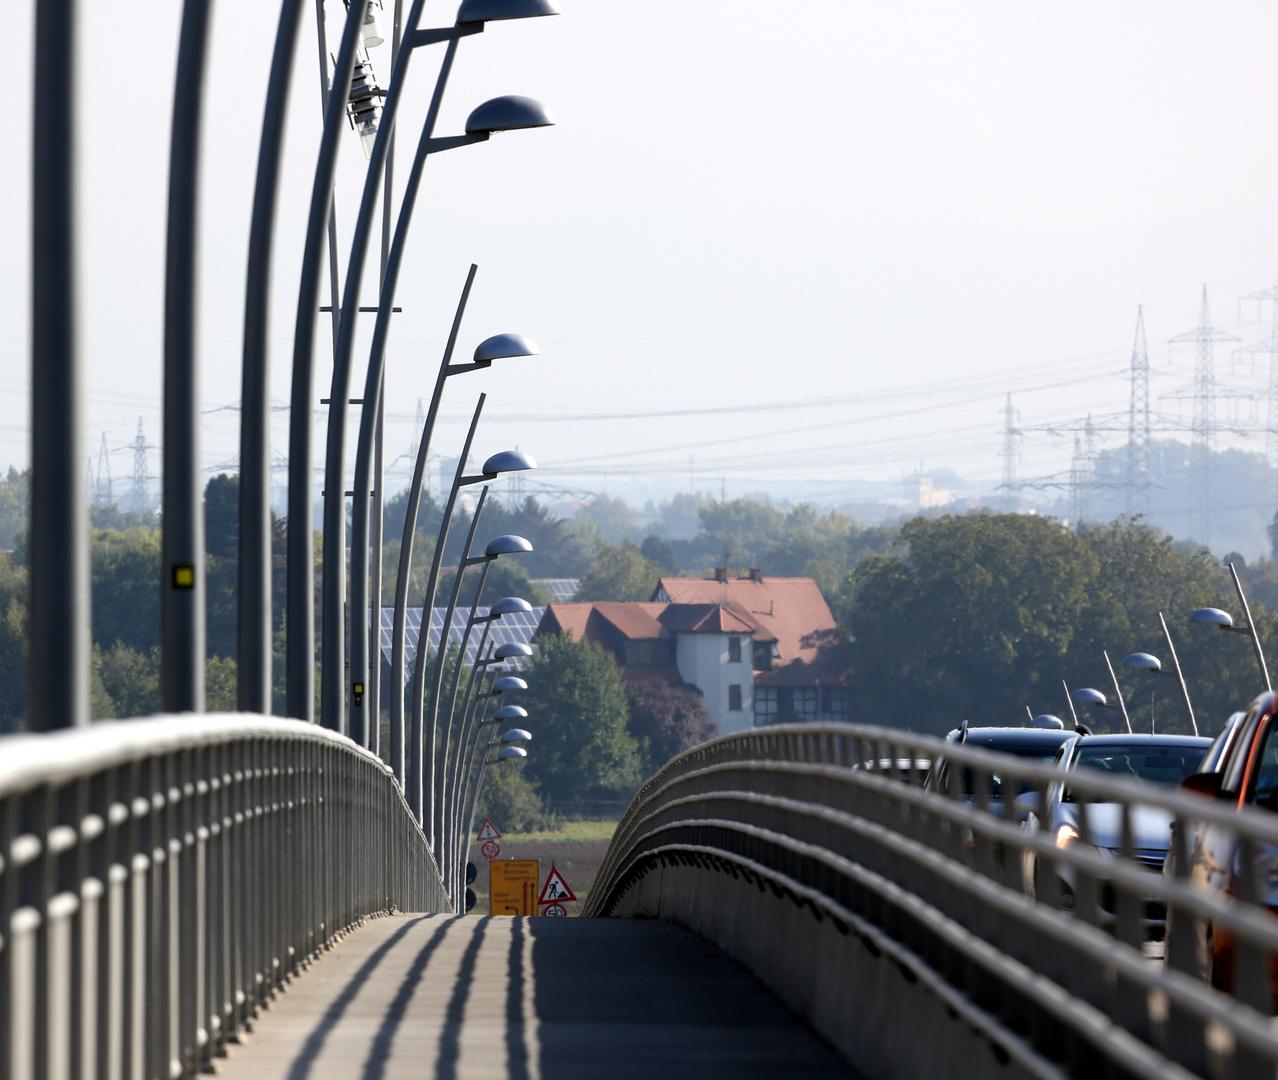 Worms - Neue Rheinbrücke auf dem Weg nach Hessen